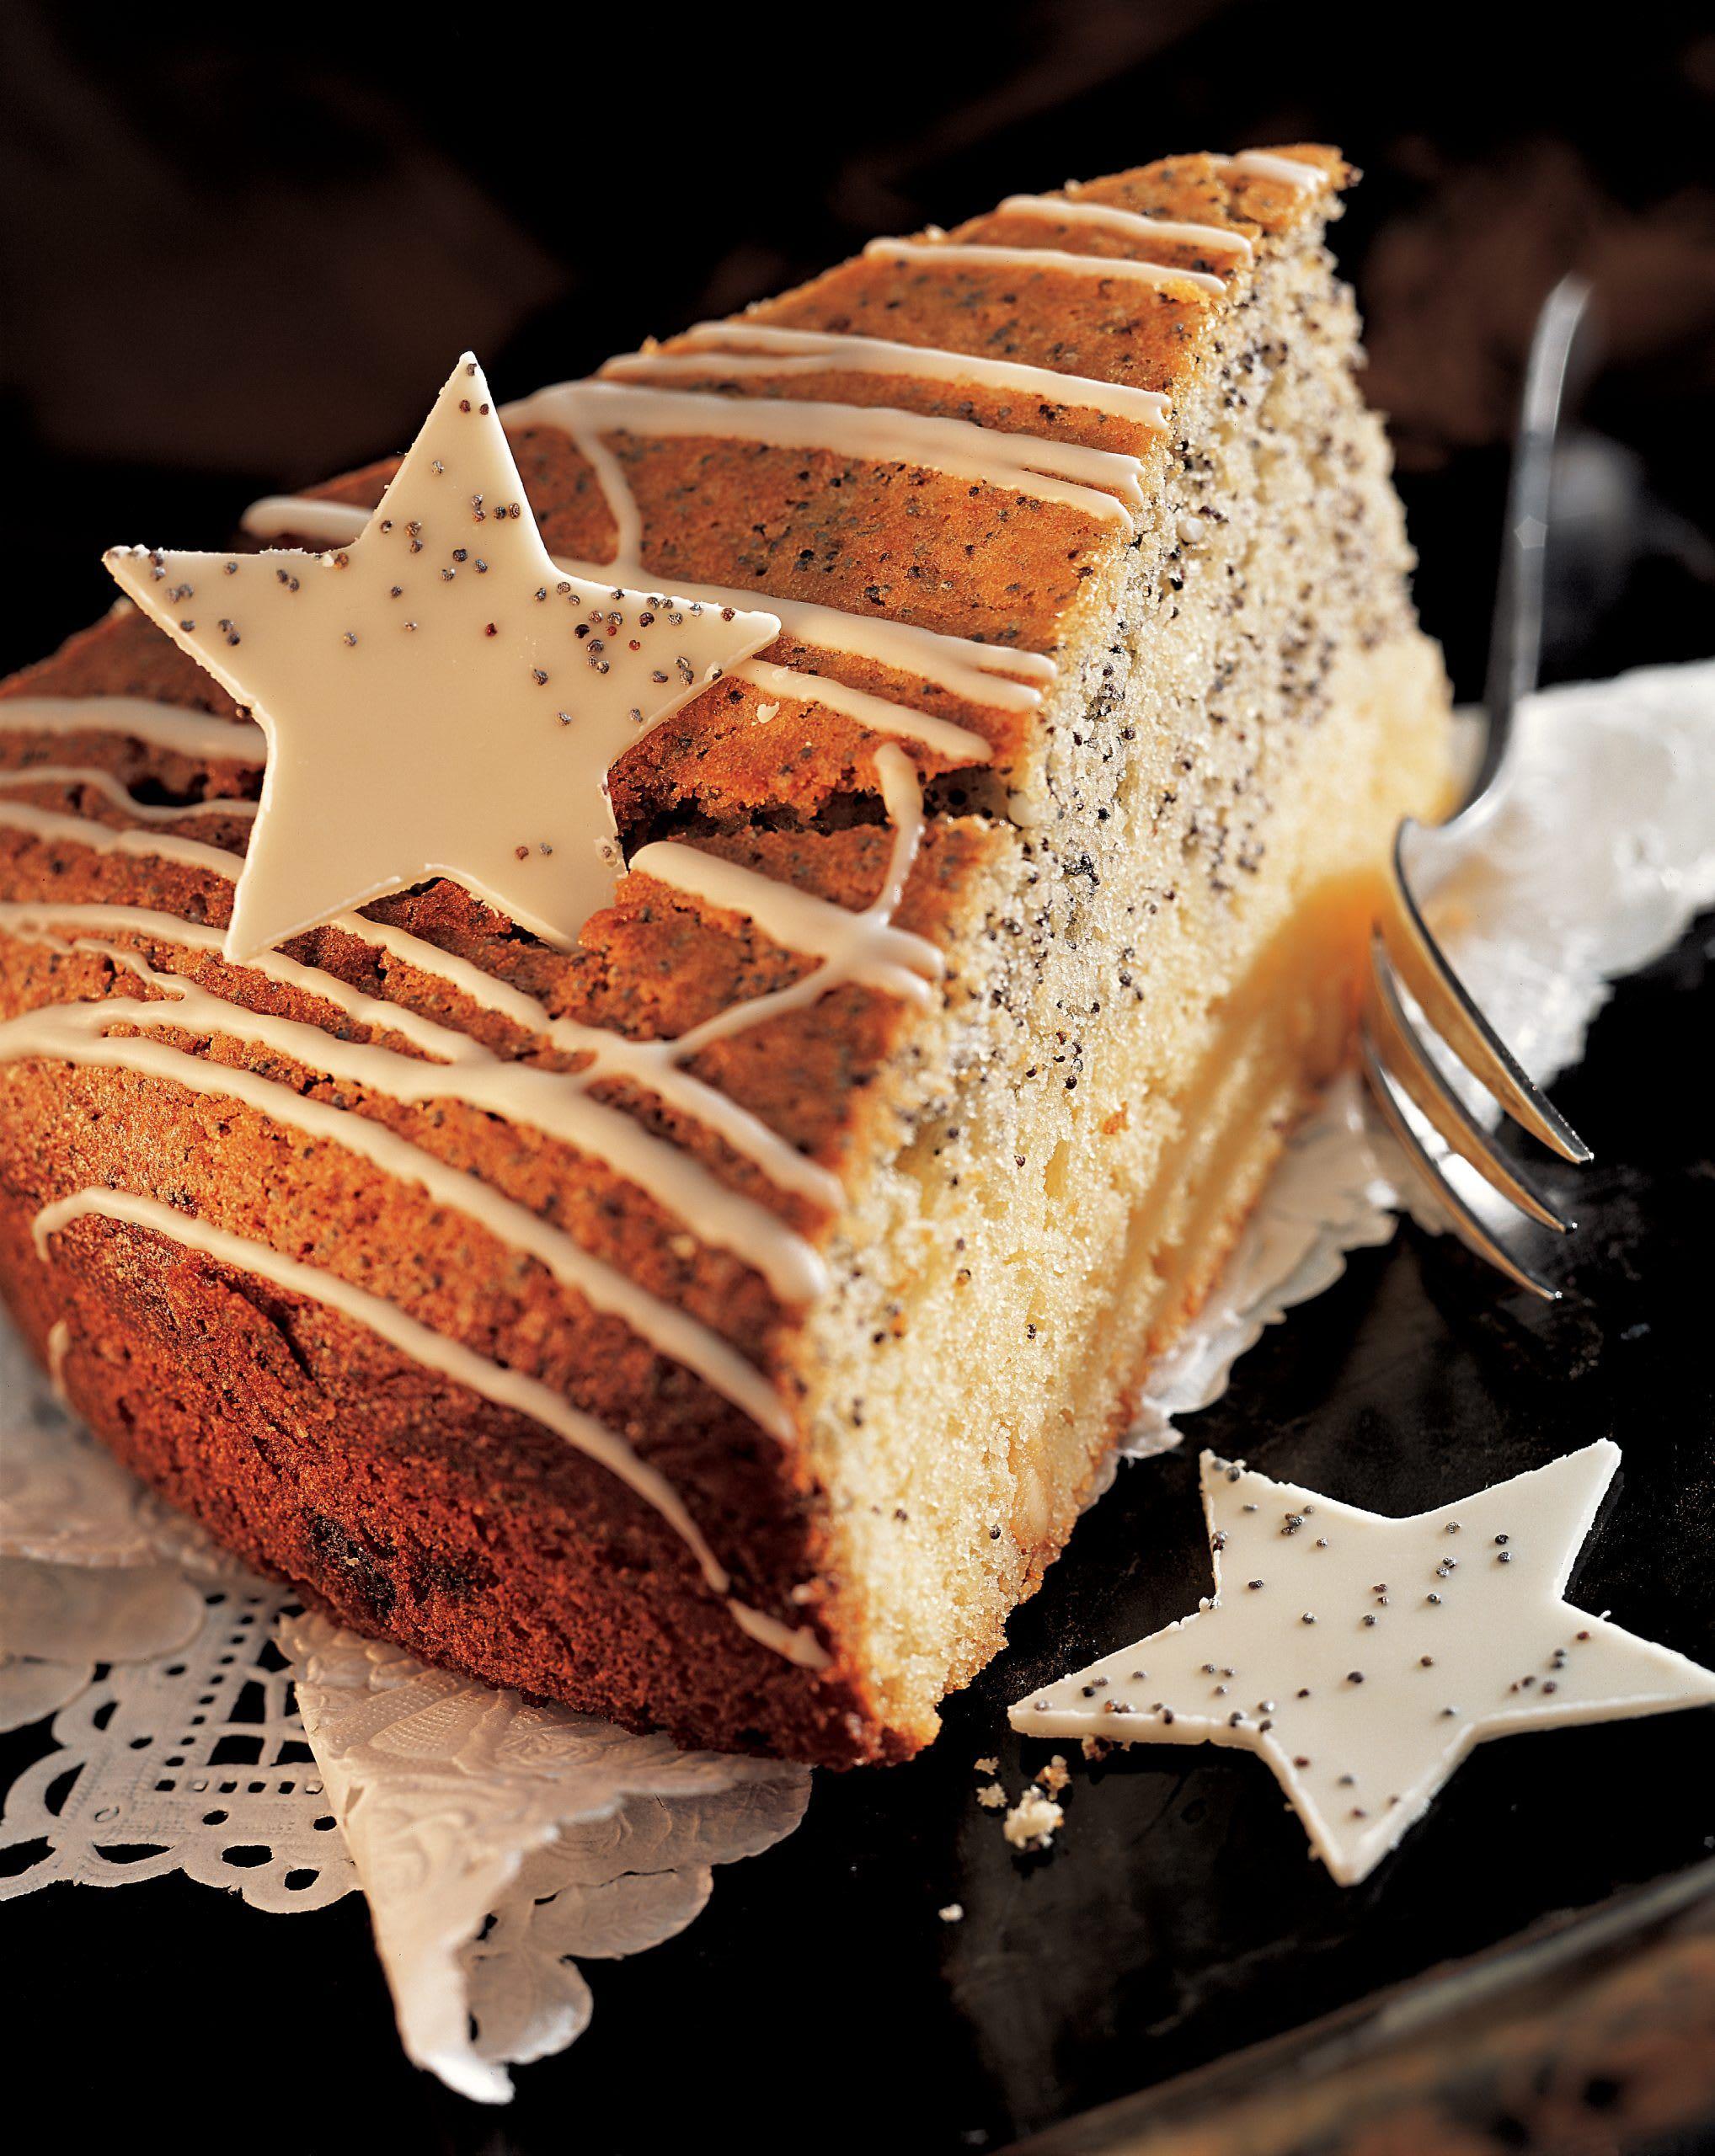 Weisser Schokoladen Mohn Kuchen Rezept Swissmilk Kuchen Rezepte Kuchen Zutaten Rezepte